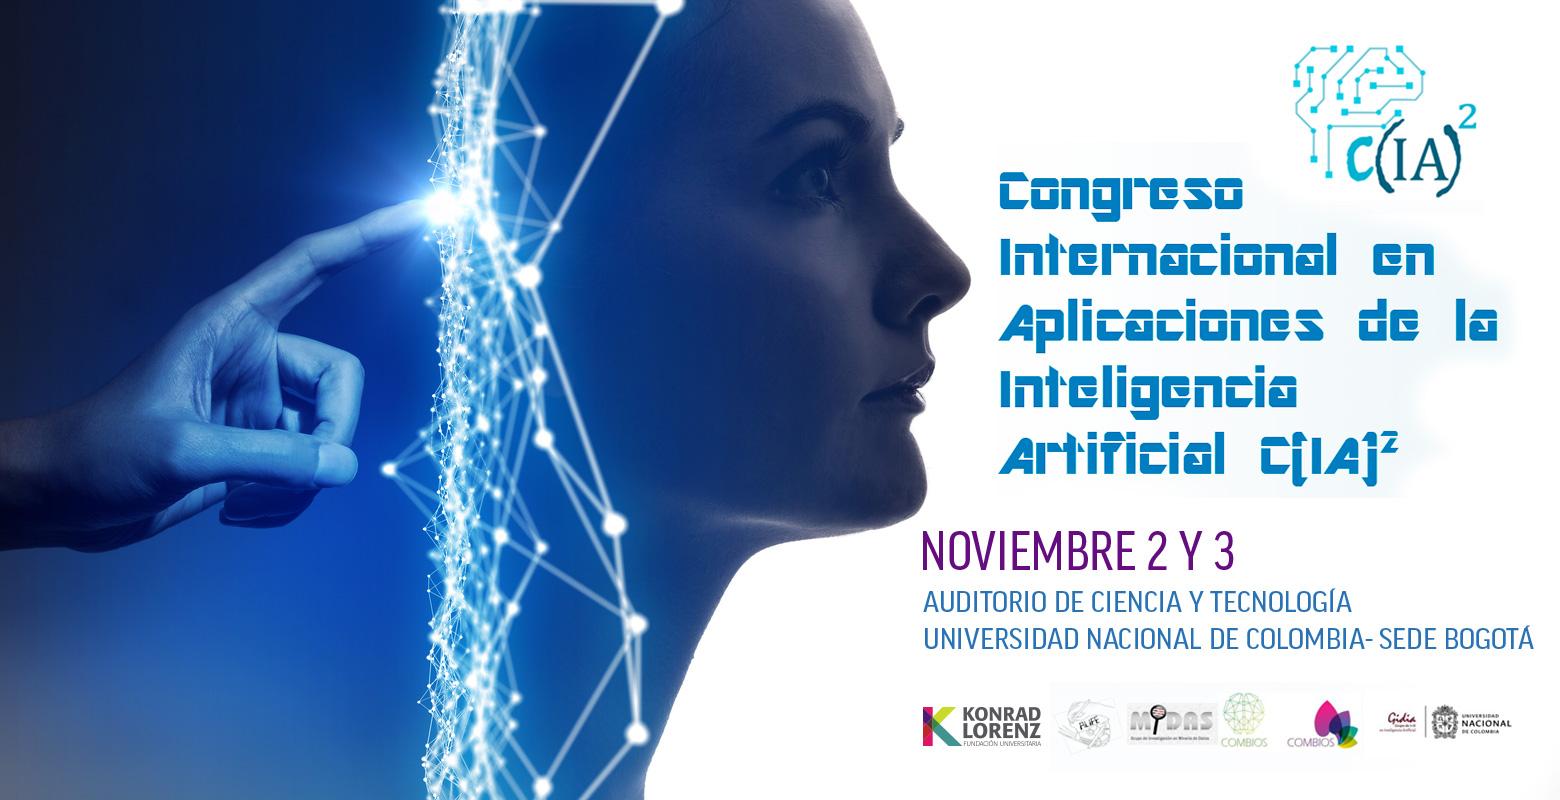 Congreso Internacional en Aplicaciones de la Inteligencia Artificial